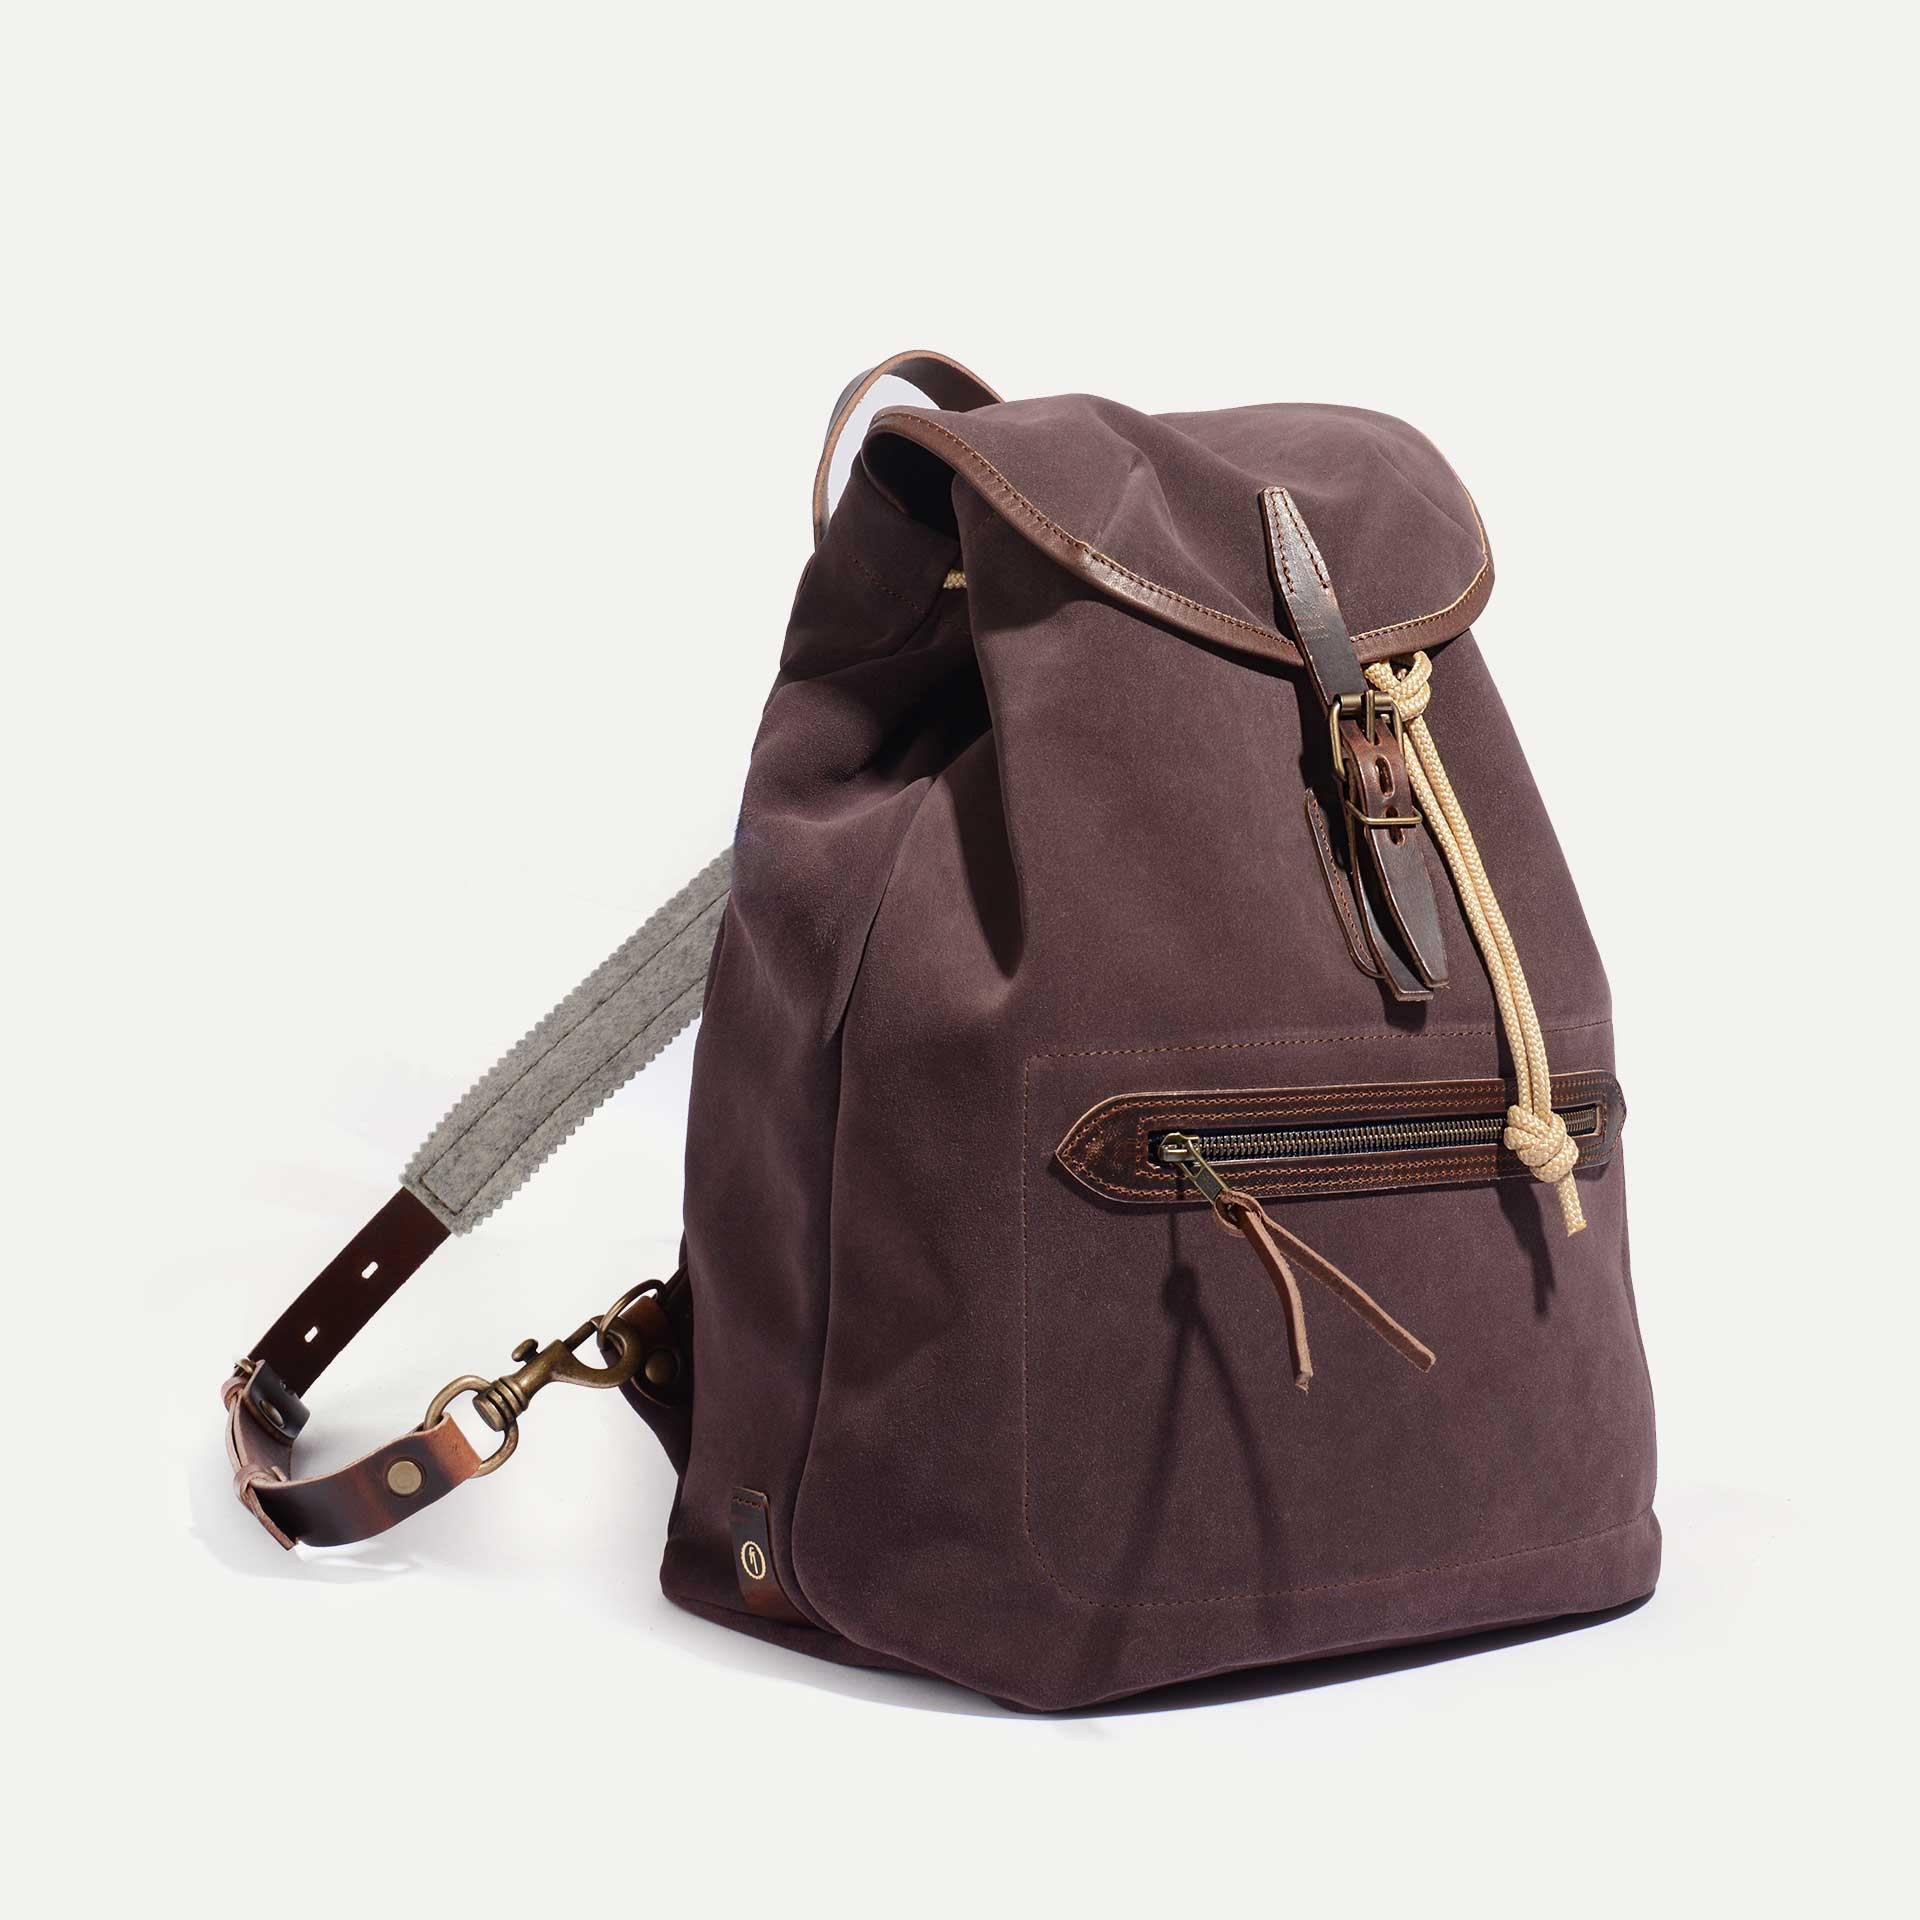 Camp backpack / Suede - Burgundy (image n°2)